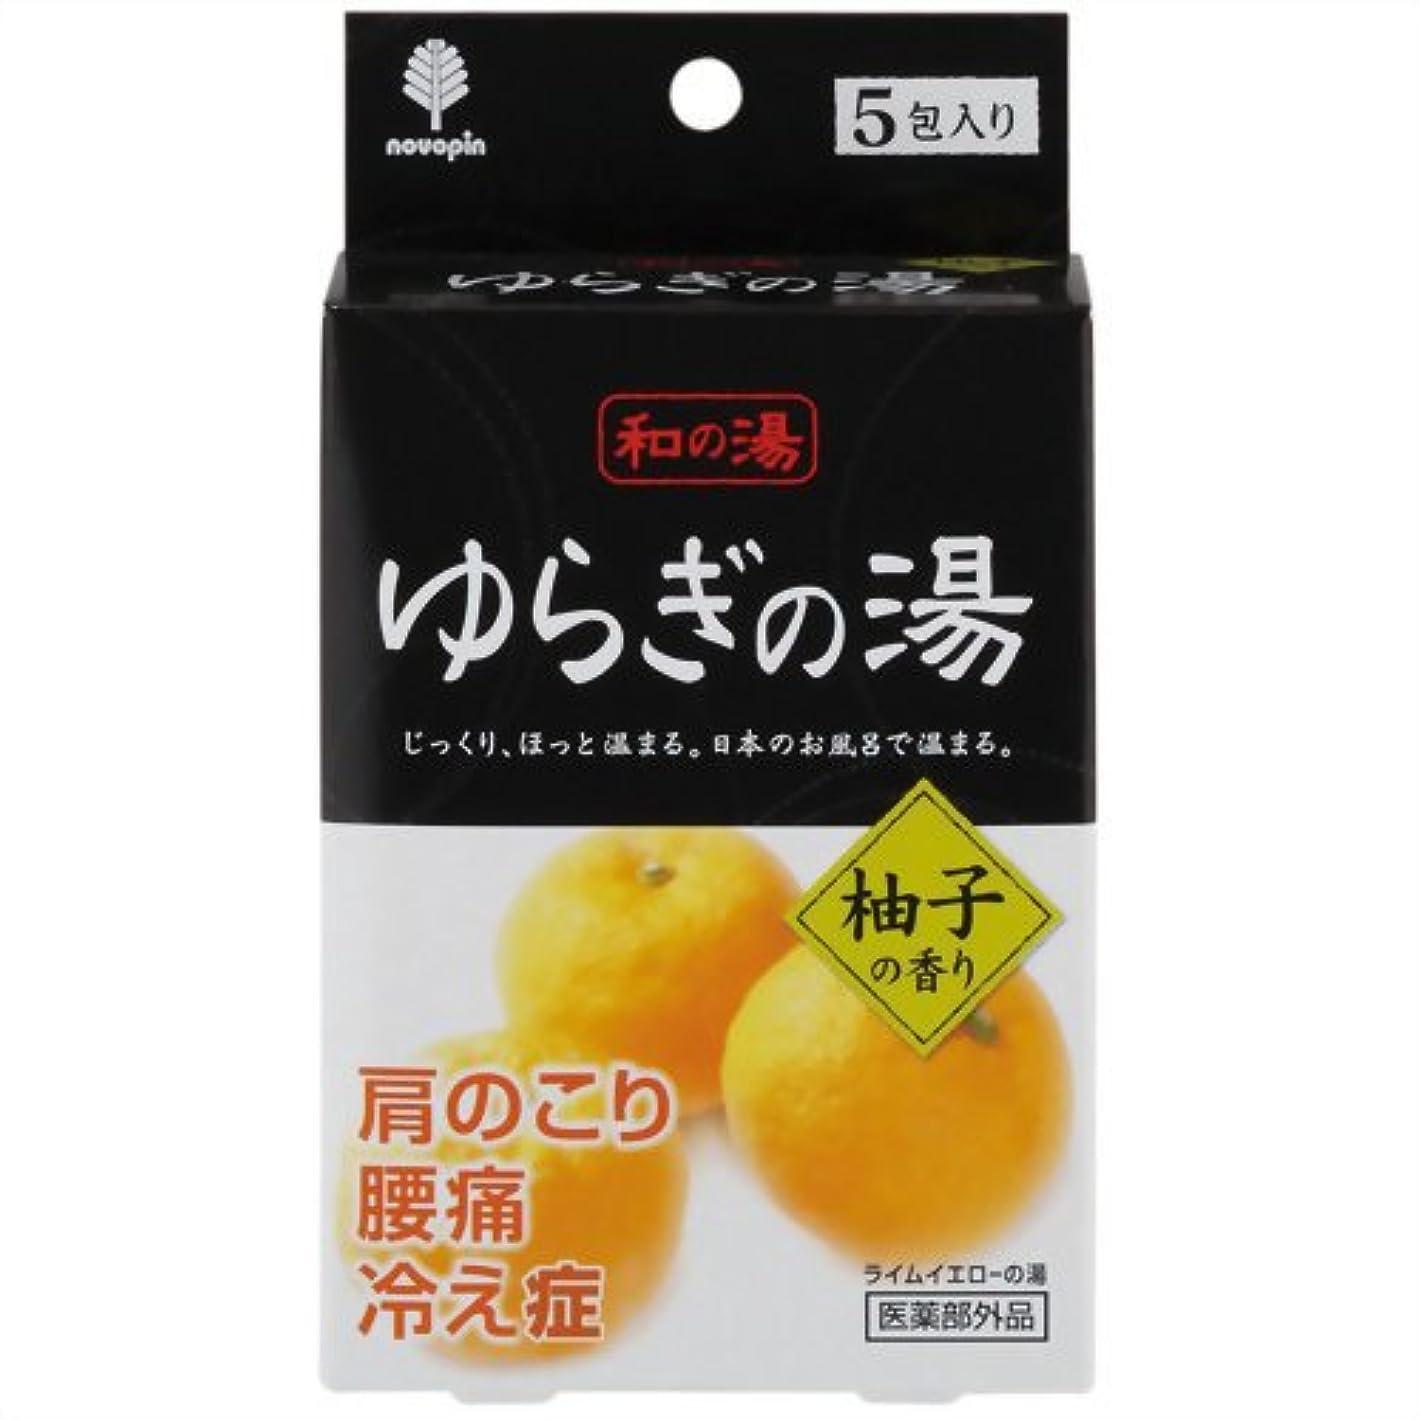 ベックス発生する発疹和の湯 ゆらぎの湯 柚子の香り